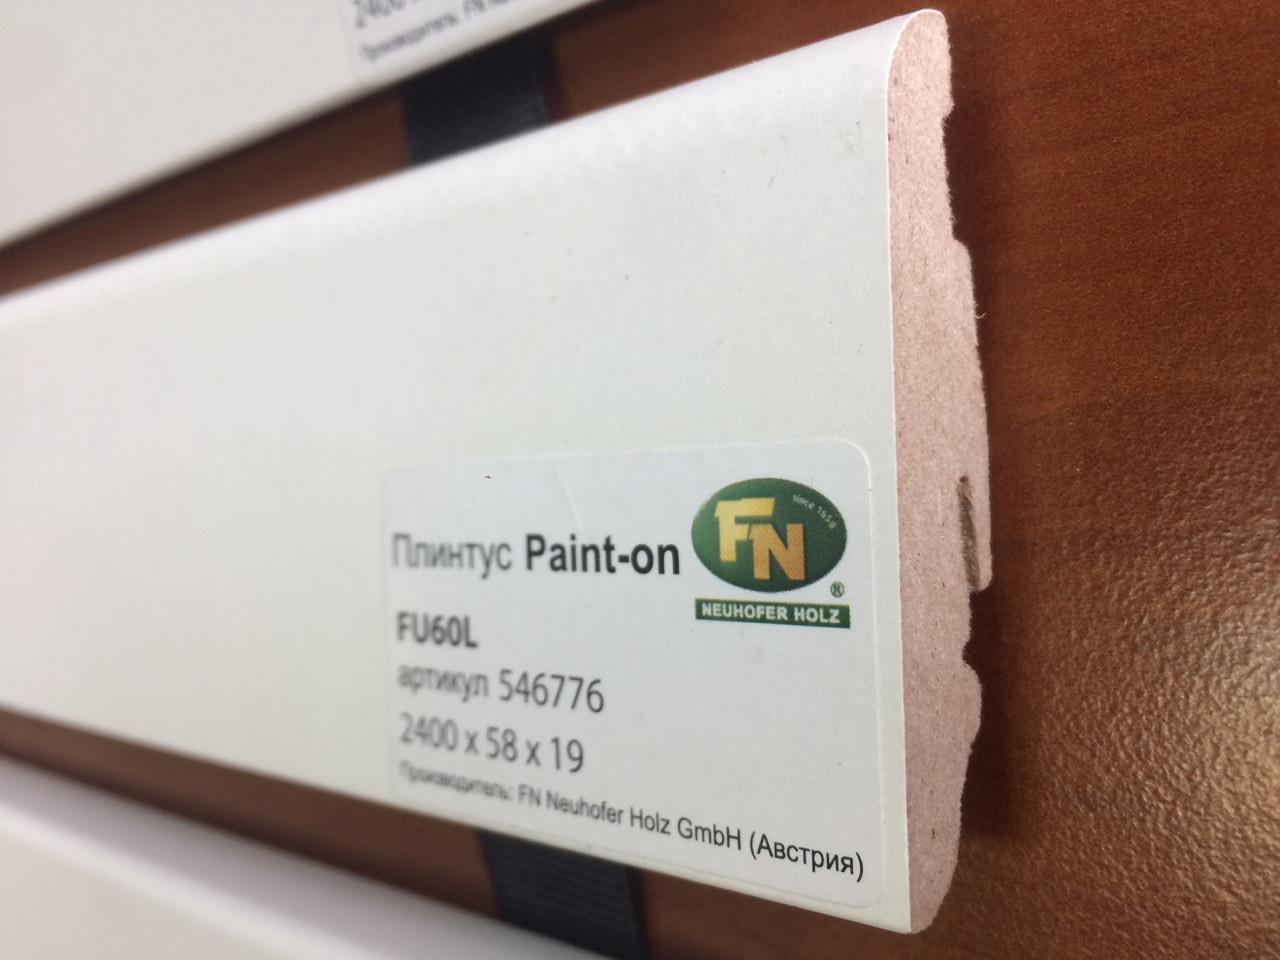 Плінтус FN Neuhofer Holz PAINT-ON MDF FU60L білий (58x19x2400)